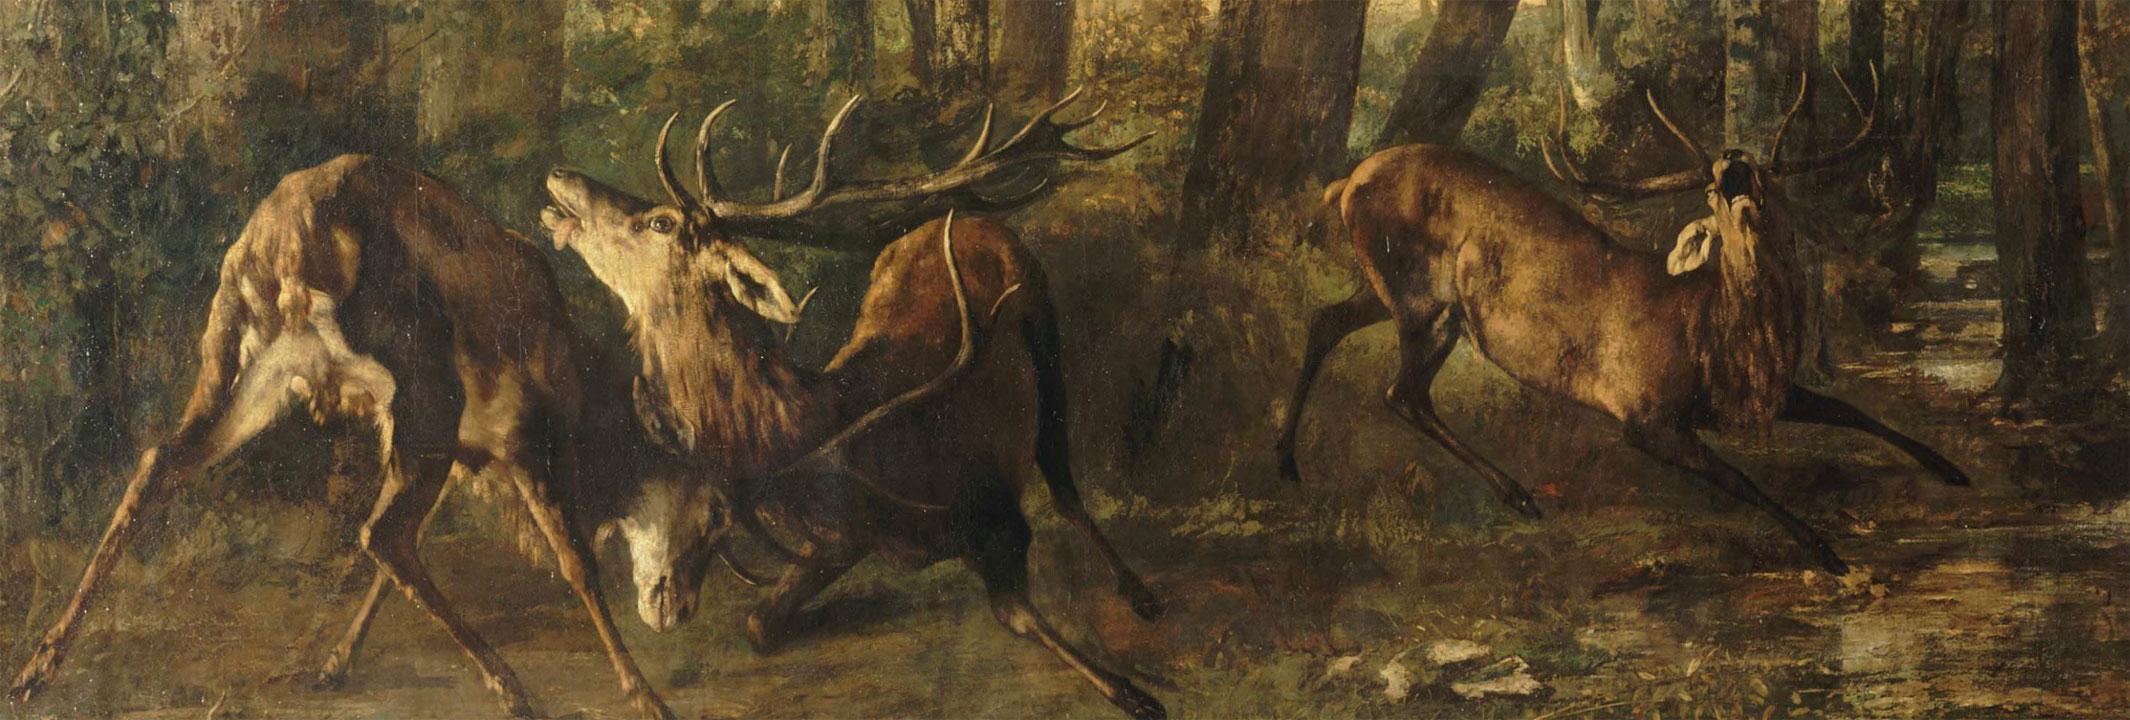 Fregola primaverile. Combattimento di cervi (quadro di Courbet)